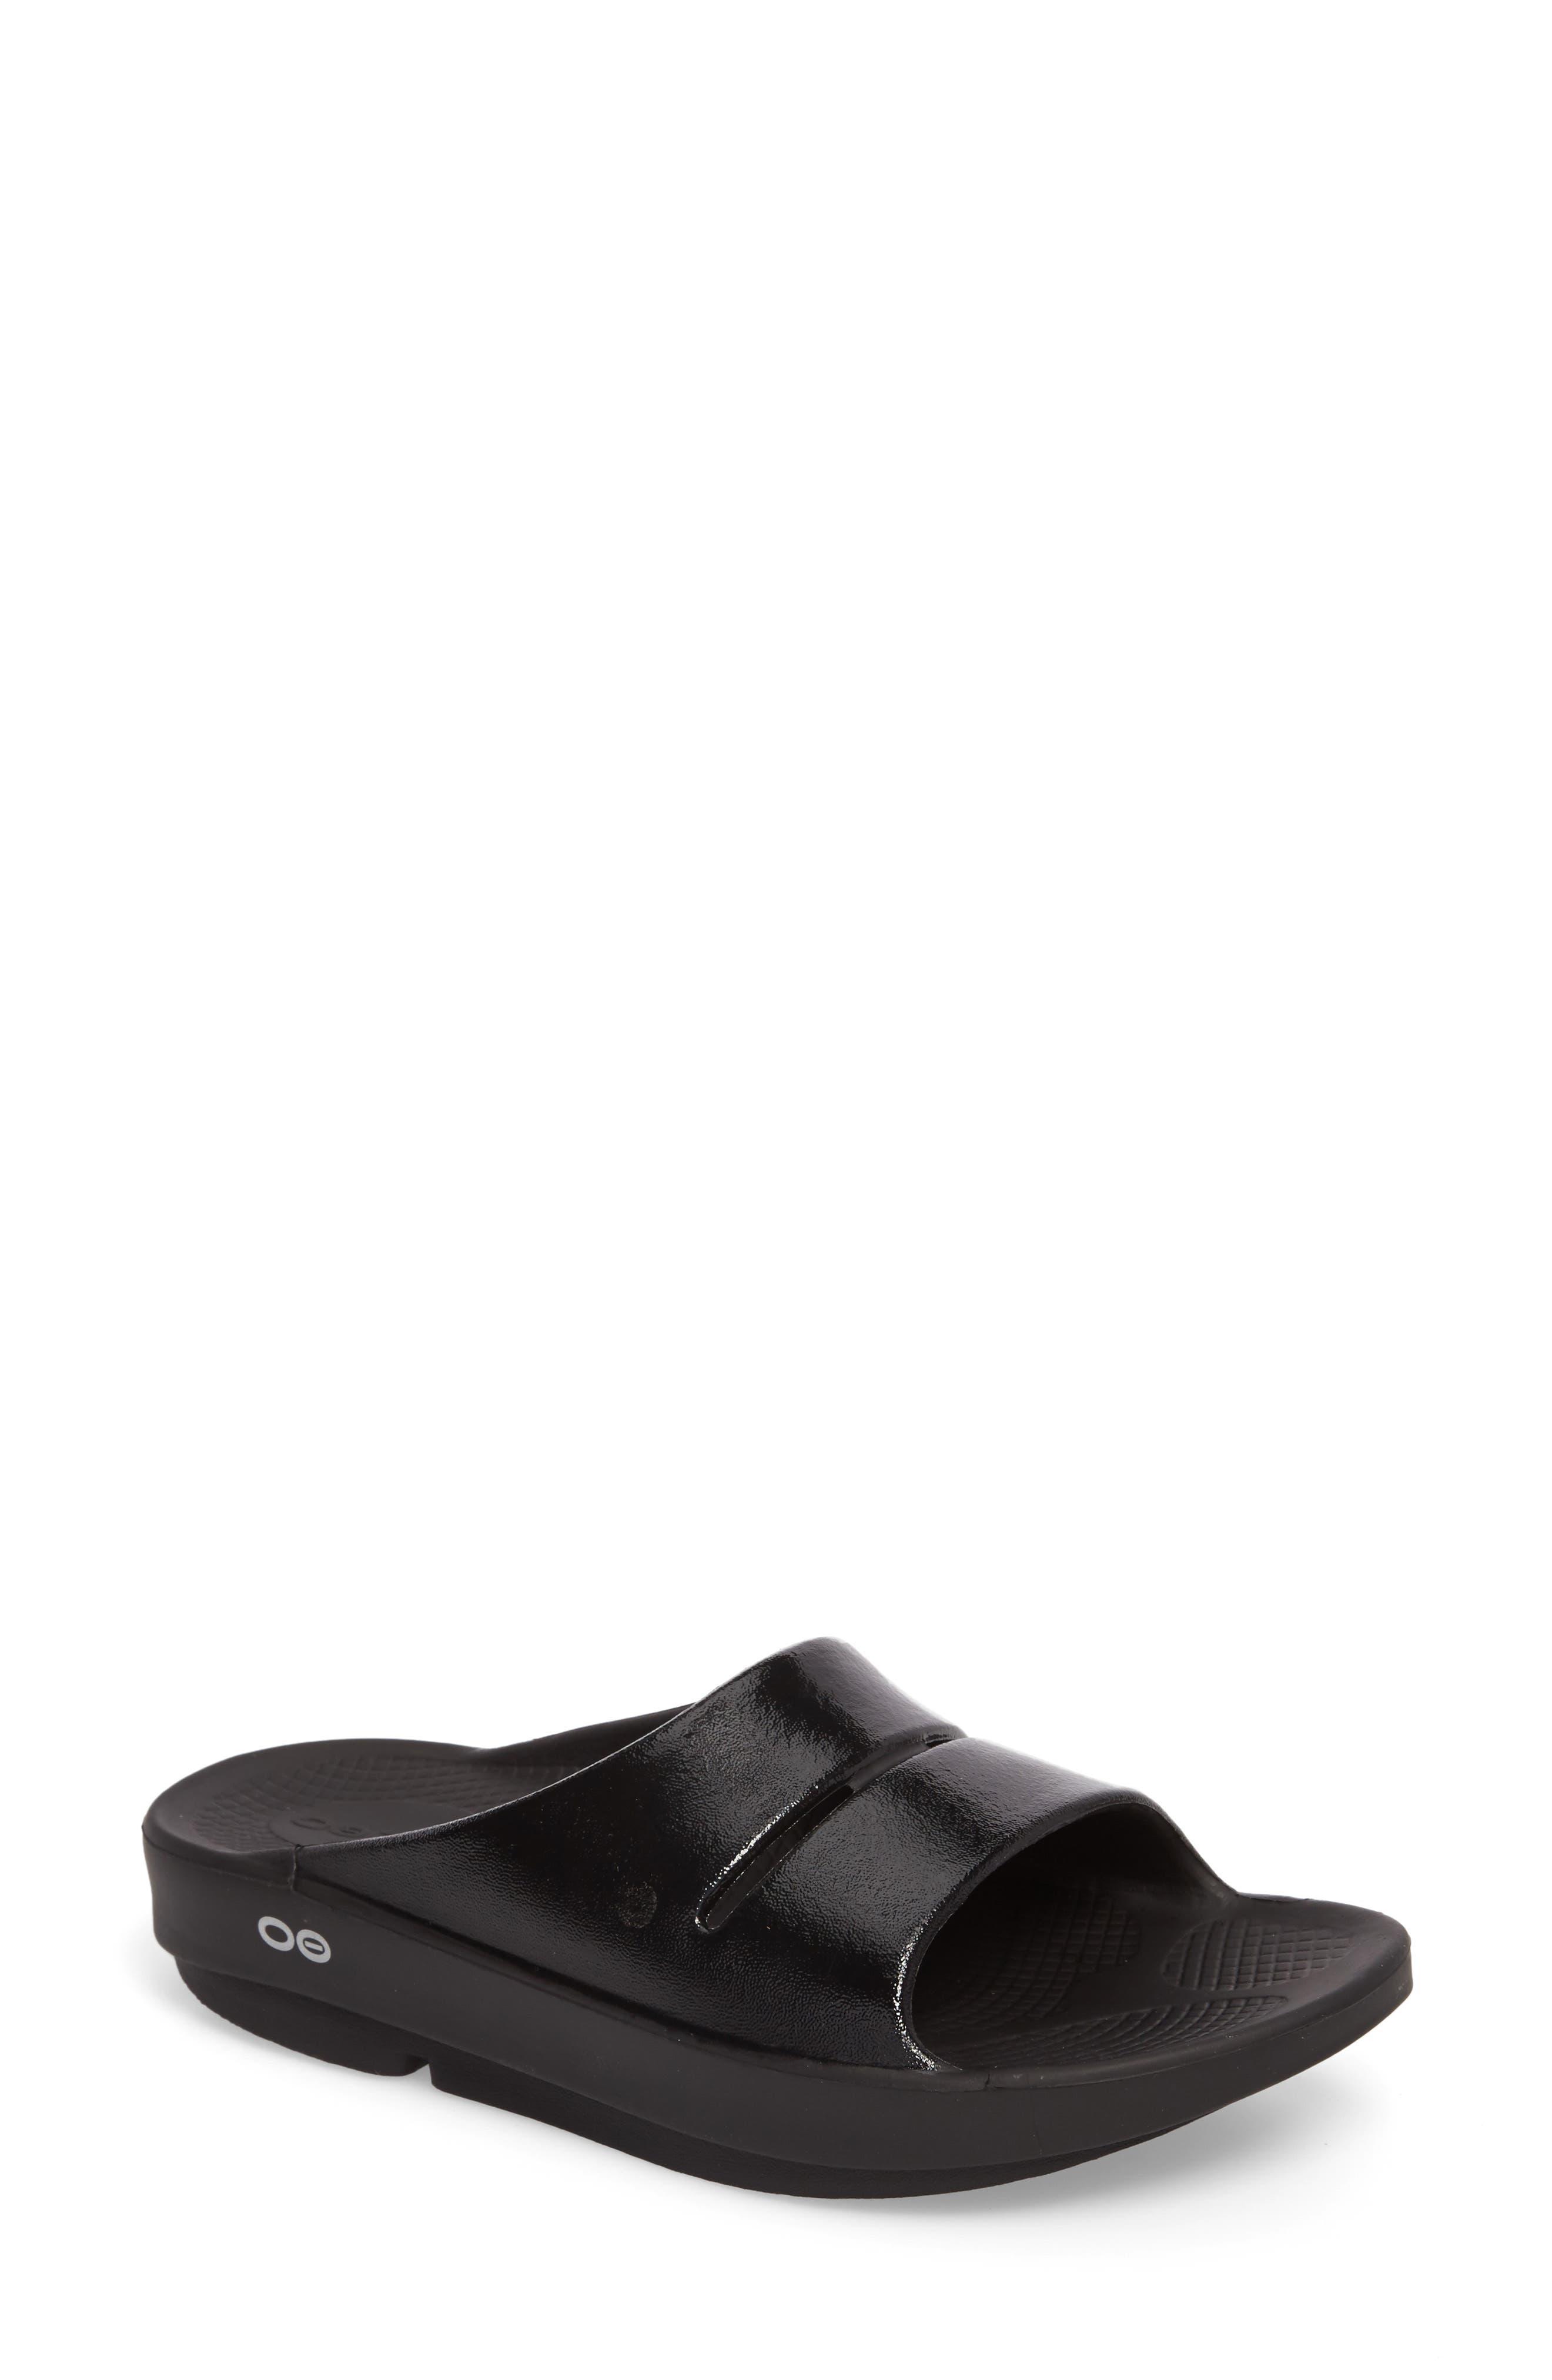 Oofos Ooahh Luxe Slide Sandal (Women's) 1V583q